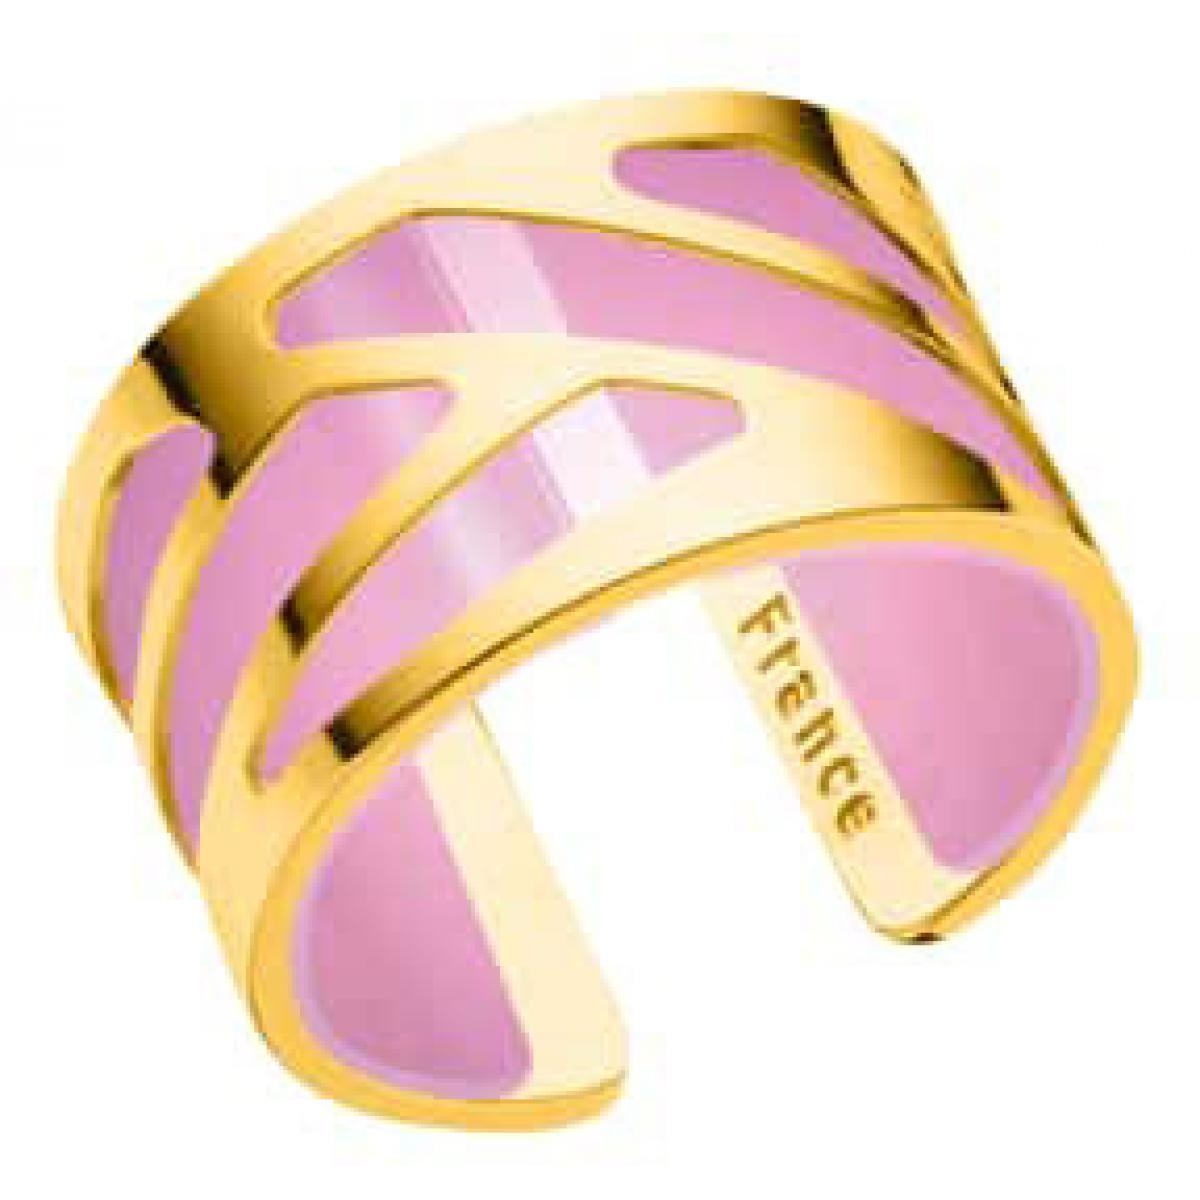 cuir pour bague les georgettes 703018584b6000 cuir pour bague vinyle cristal fluo rose femme